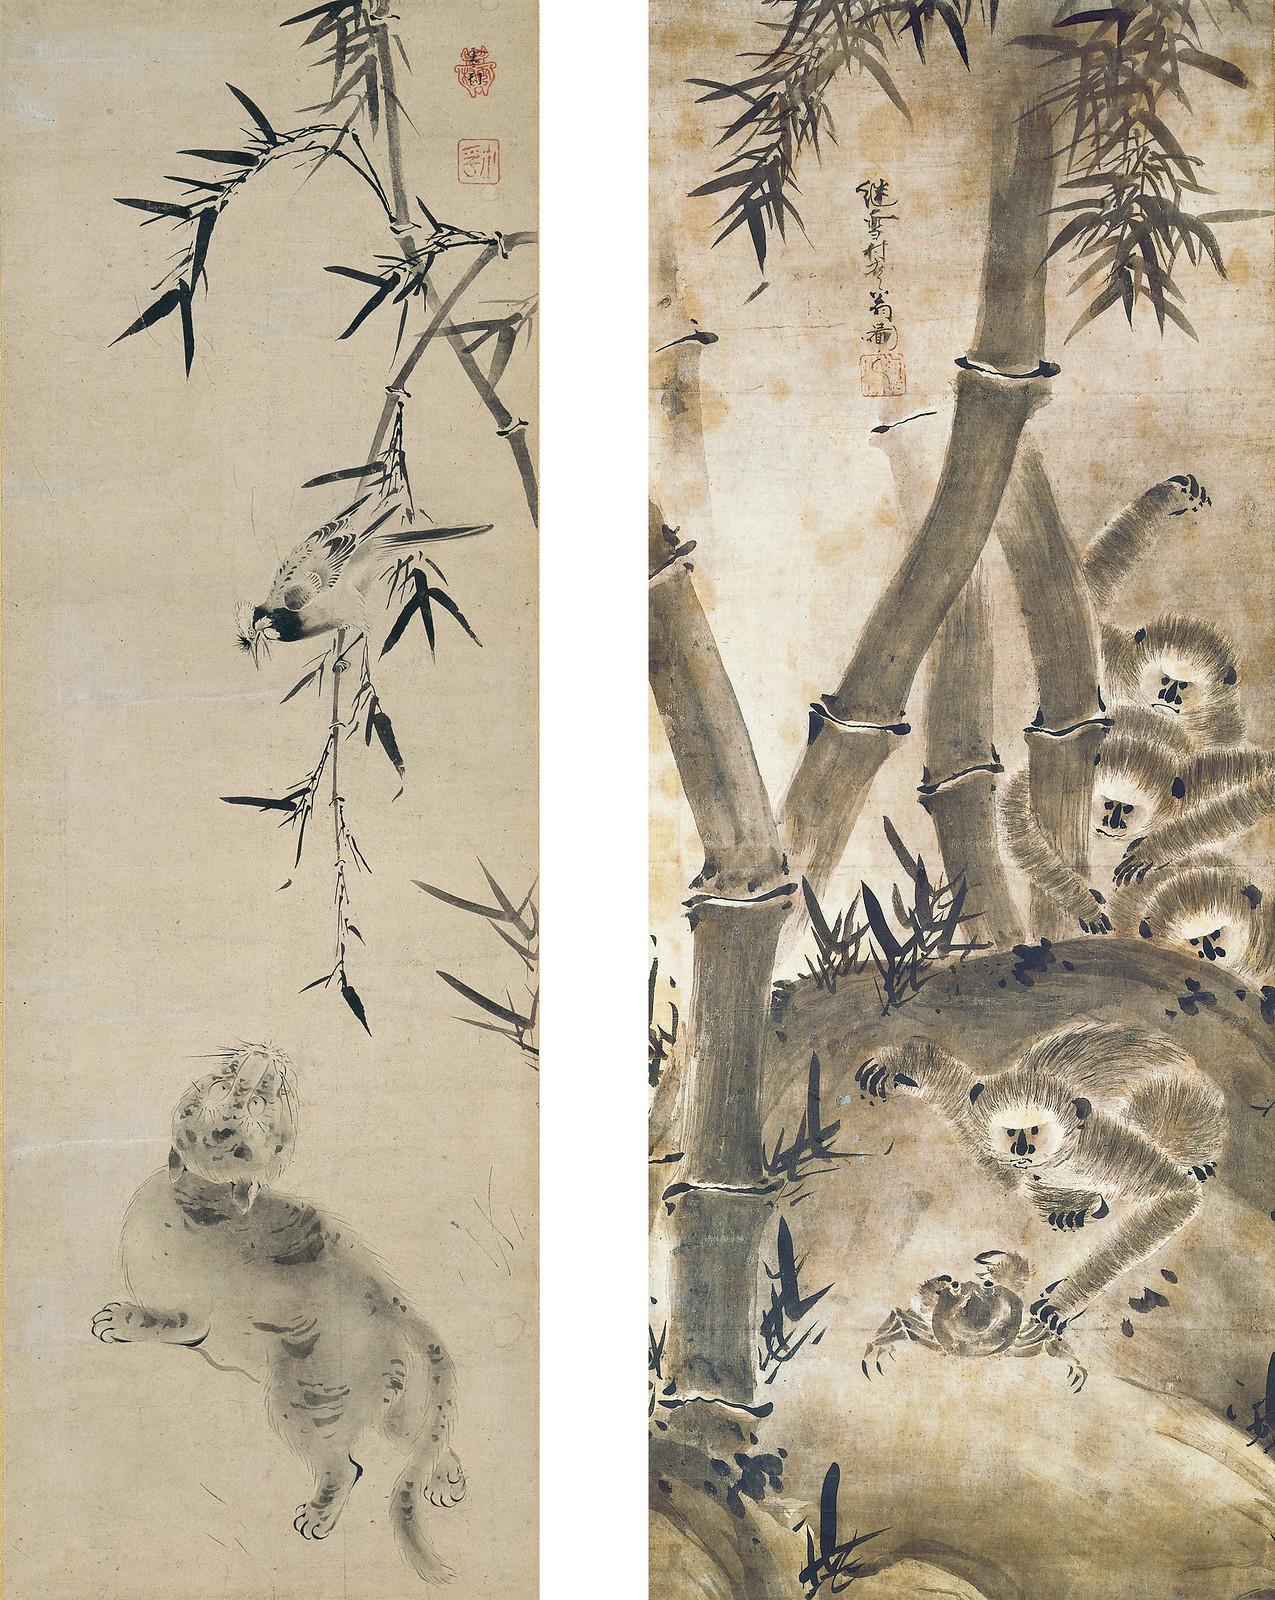 左)《猫小禽図》(室町時代、個人蔵、8月15日~) 右)《猿猴図》(室町時代、個人蔵、8月23日~)